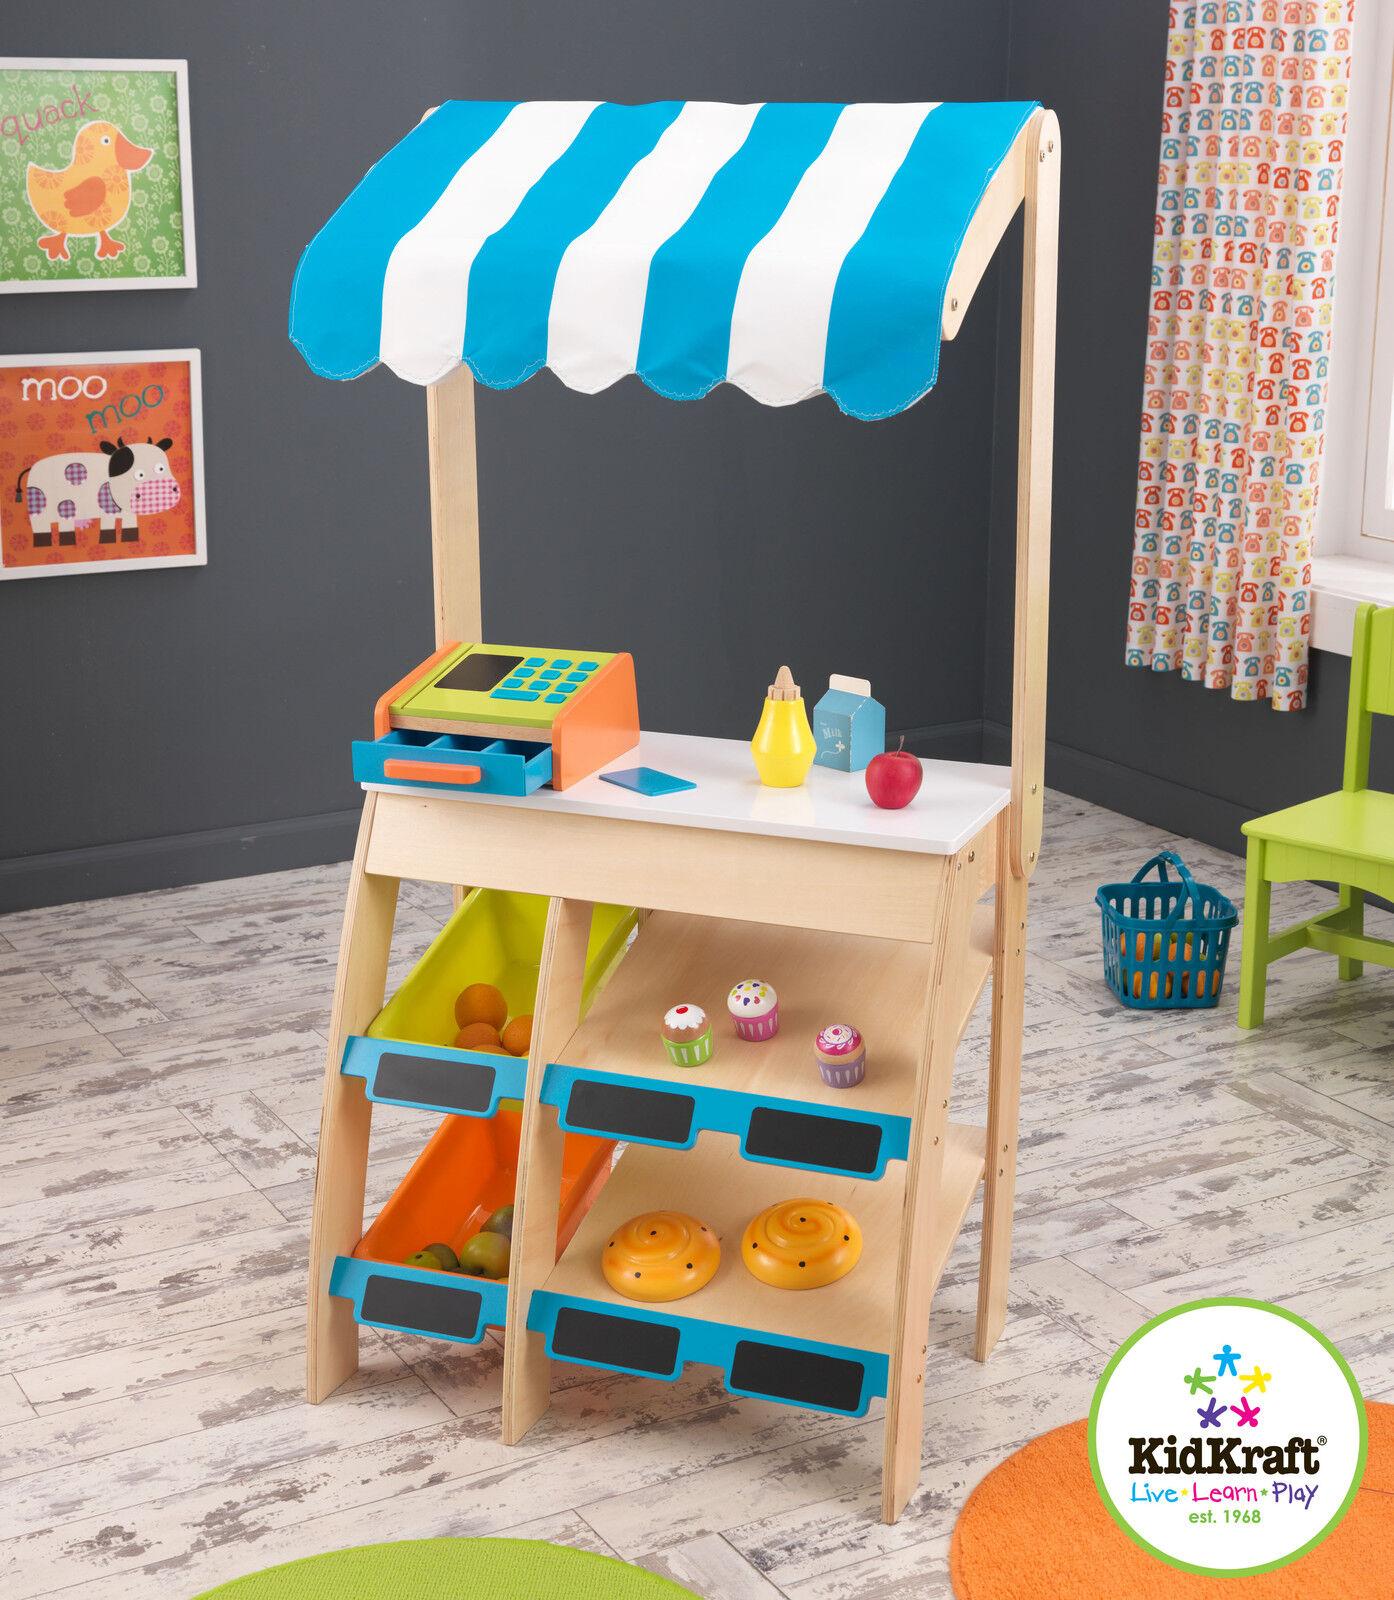 Kidkraft Einkaufswagen Marktplatz Kinder Holz Marktstand Spielzeug Shop